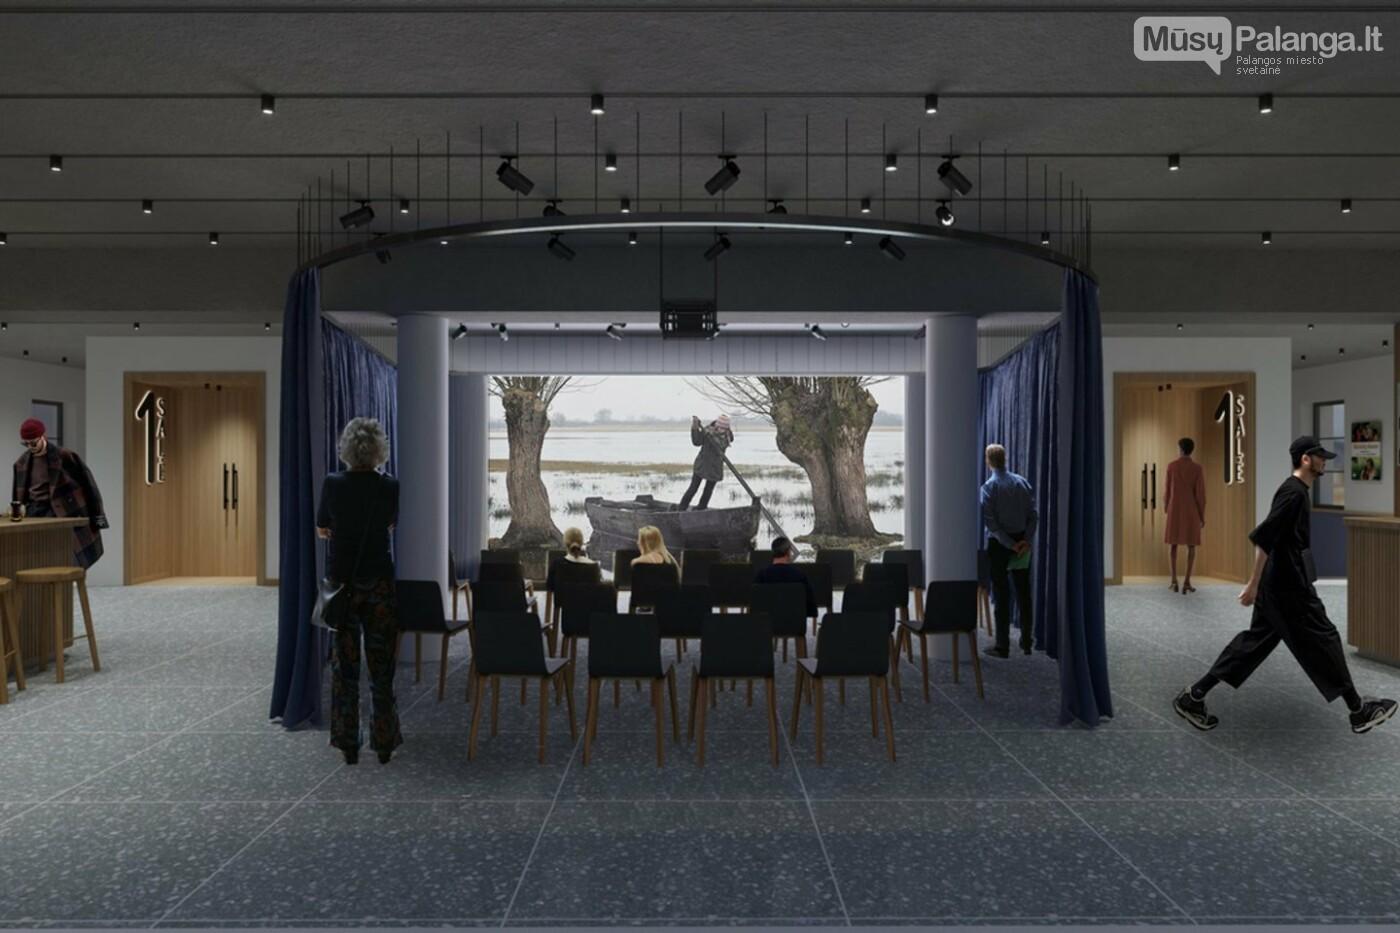 Valdiškų tarnybų išbrokuotą legendinio kino teatro projektą architektai Palangai tiesiog padovanojo , nuotrauka-5